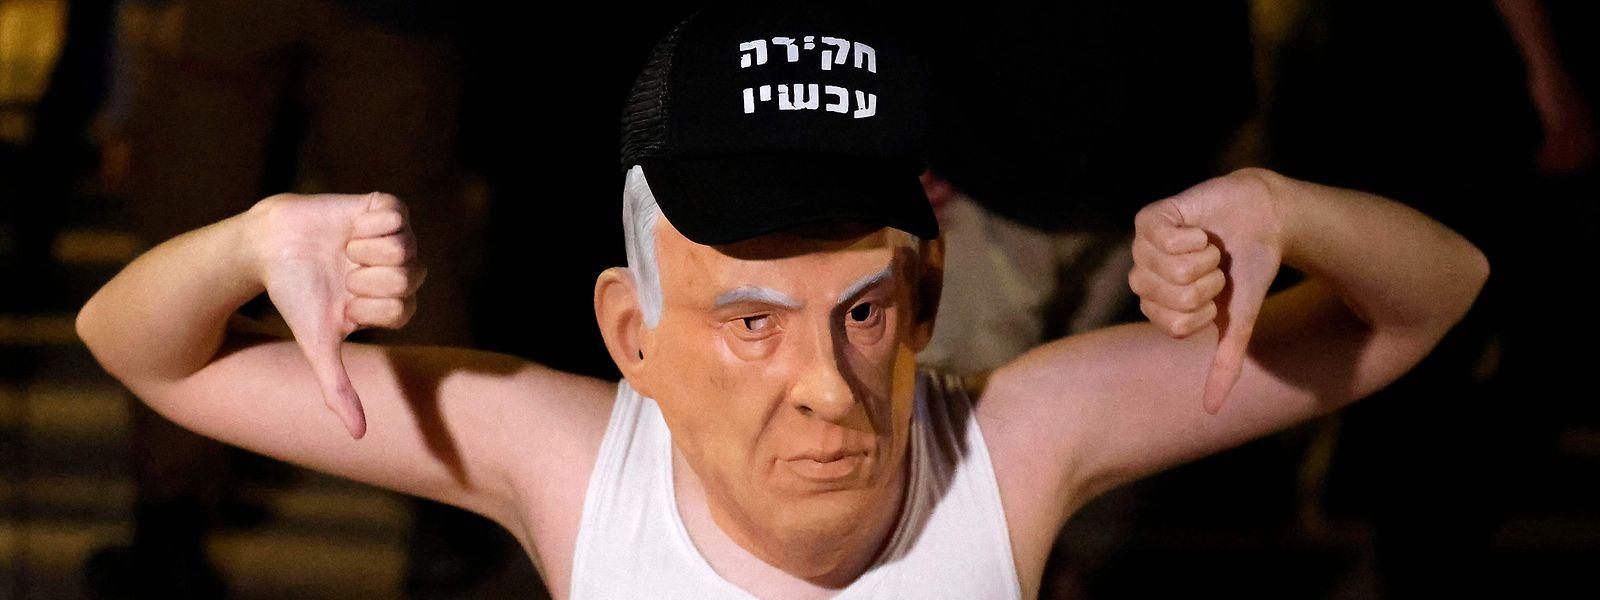 """Bei einer Protestkundgebung in Tel Aviv trägt ein Teilnehmer eine Netanjahu-Maske und ein T-Shirt, auf dem zu lesen ist: """"Die Zeremonie ist vorbei""""."""